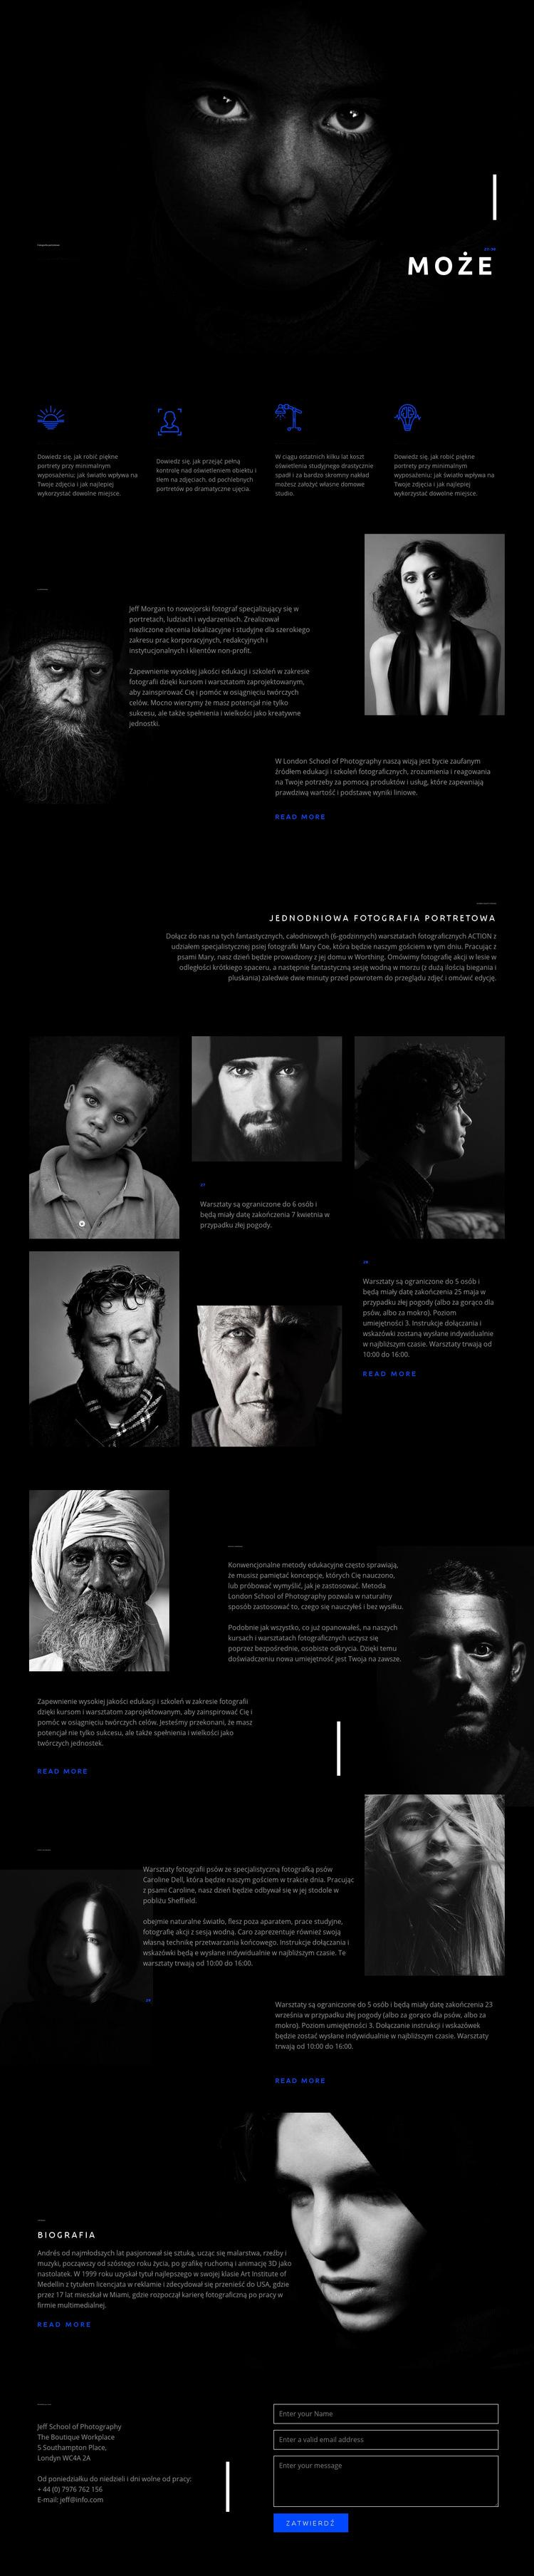 Niesamowita sztuka portretowa Szablon witryny sieci Web